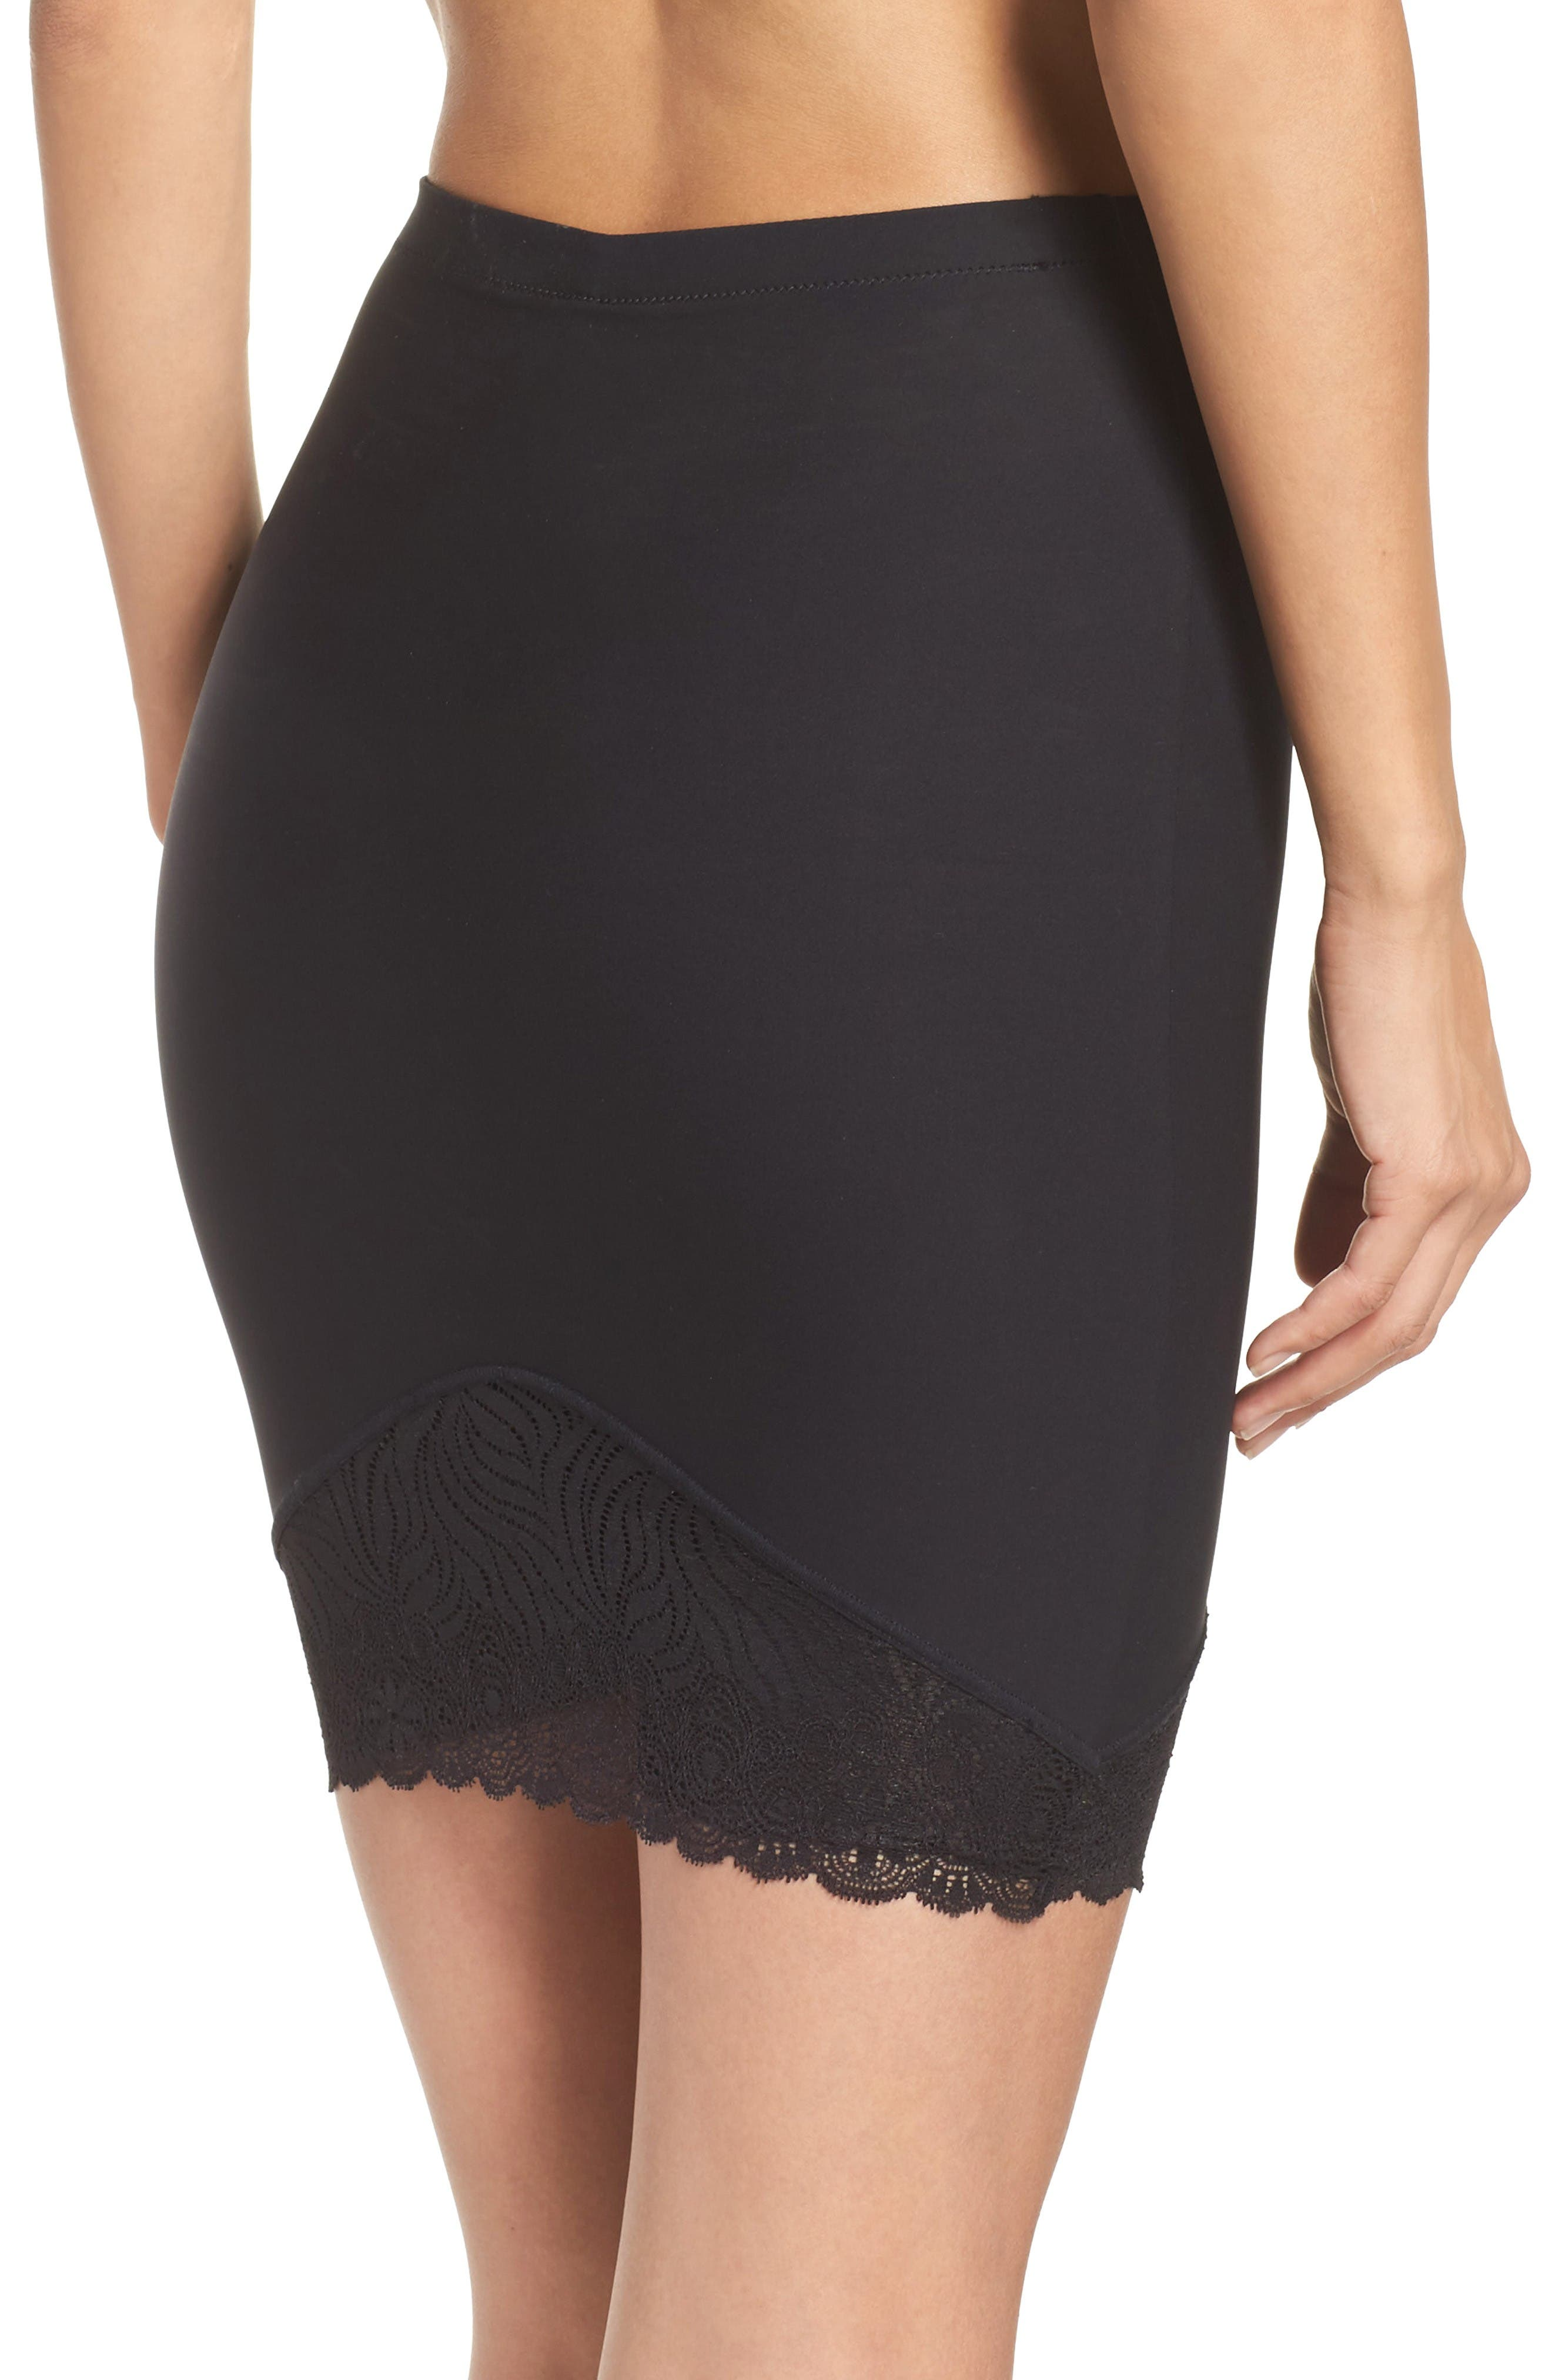 Top Model High Waist Skirt Shaper,                             Alternate thumbnail 2, color,                             Black